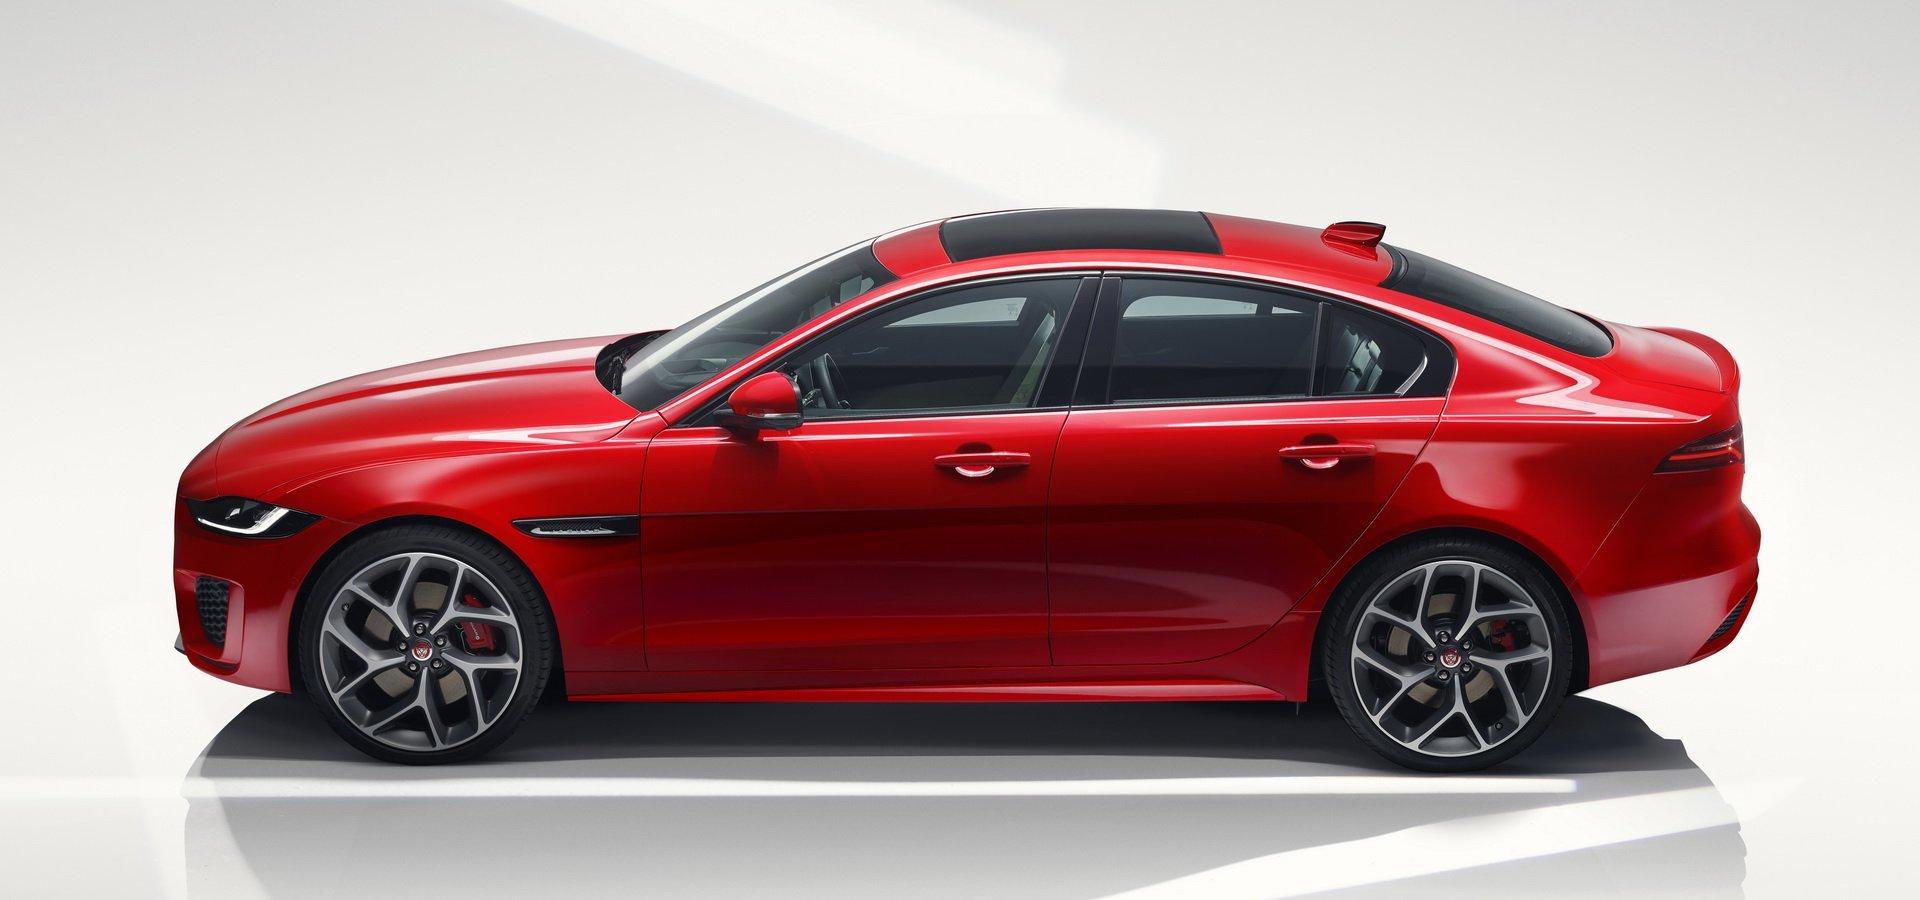 捷豹Jaguar XE更新 一如既往的流线豹